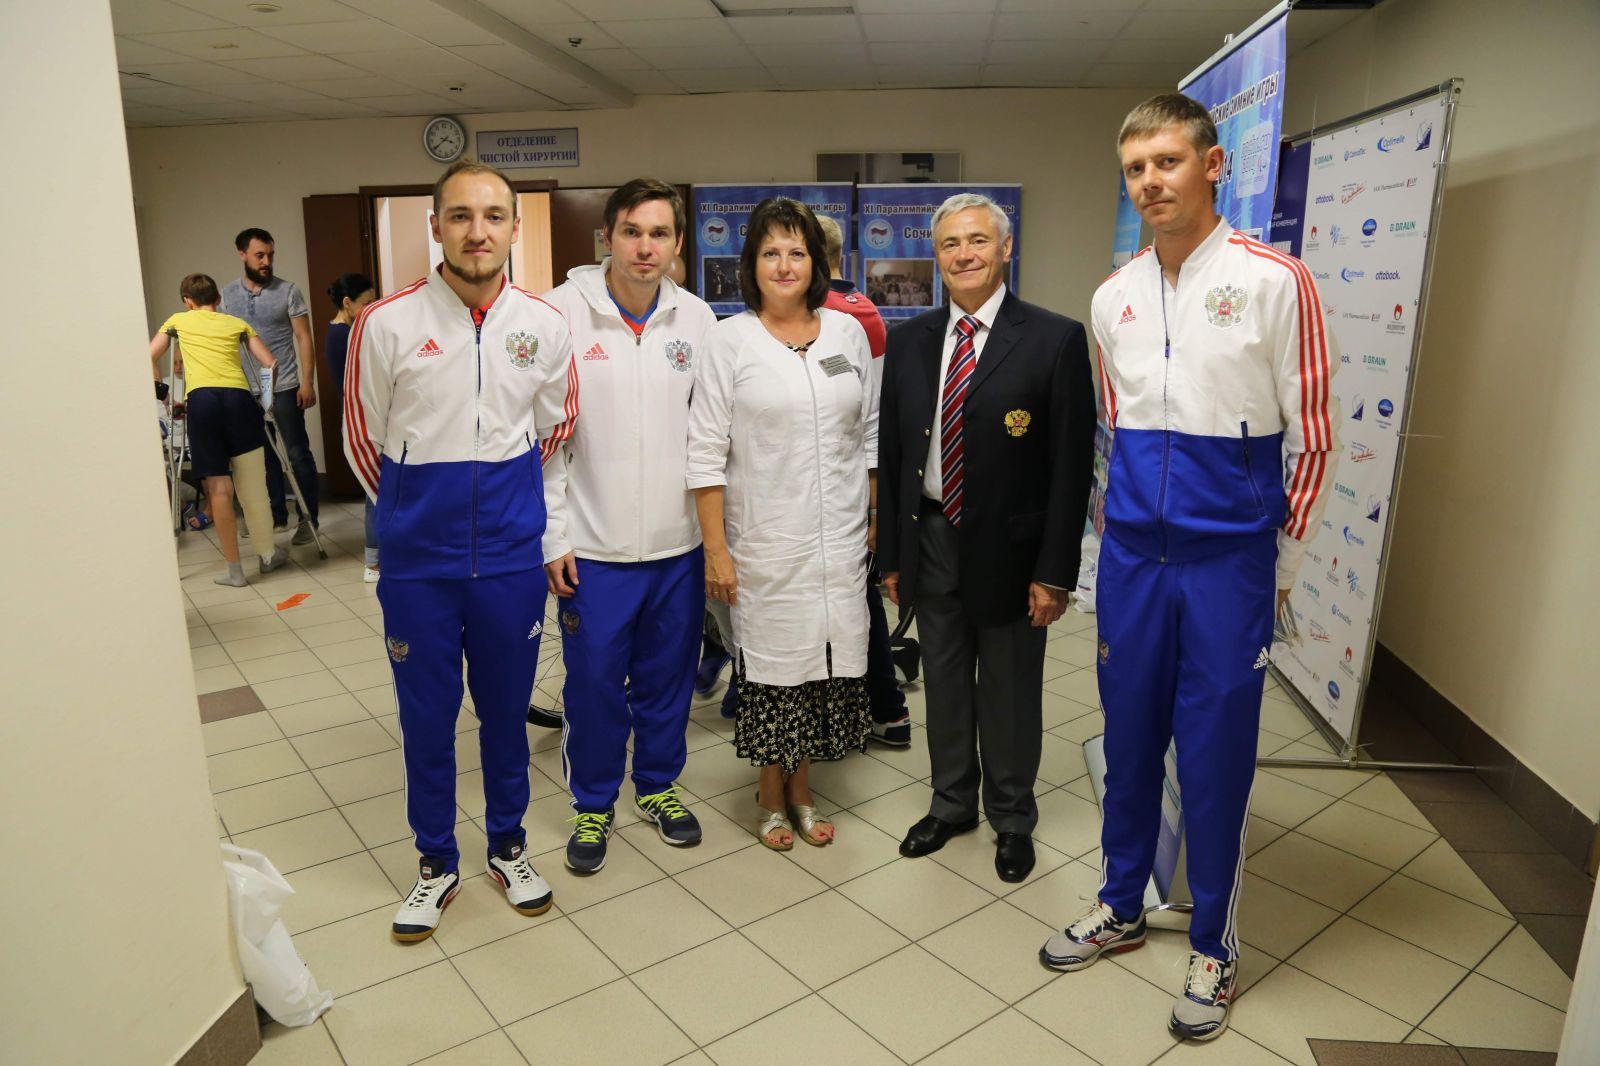 ПКР провел Паралимпийский урок для детей-пациентов НИИ неотложной детской хирургии и травматологии